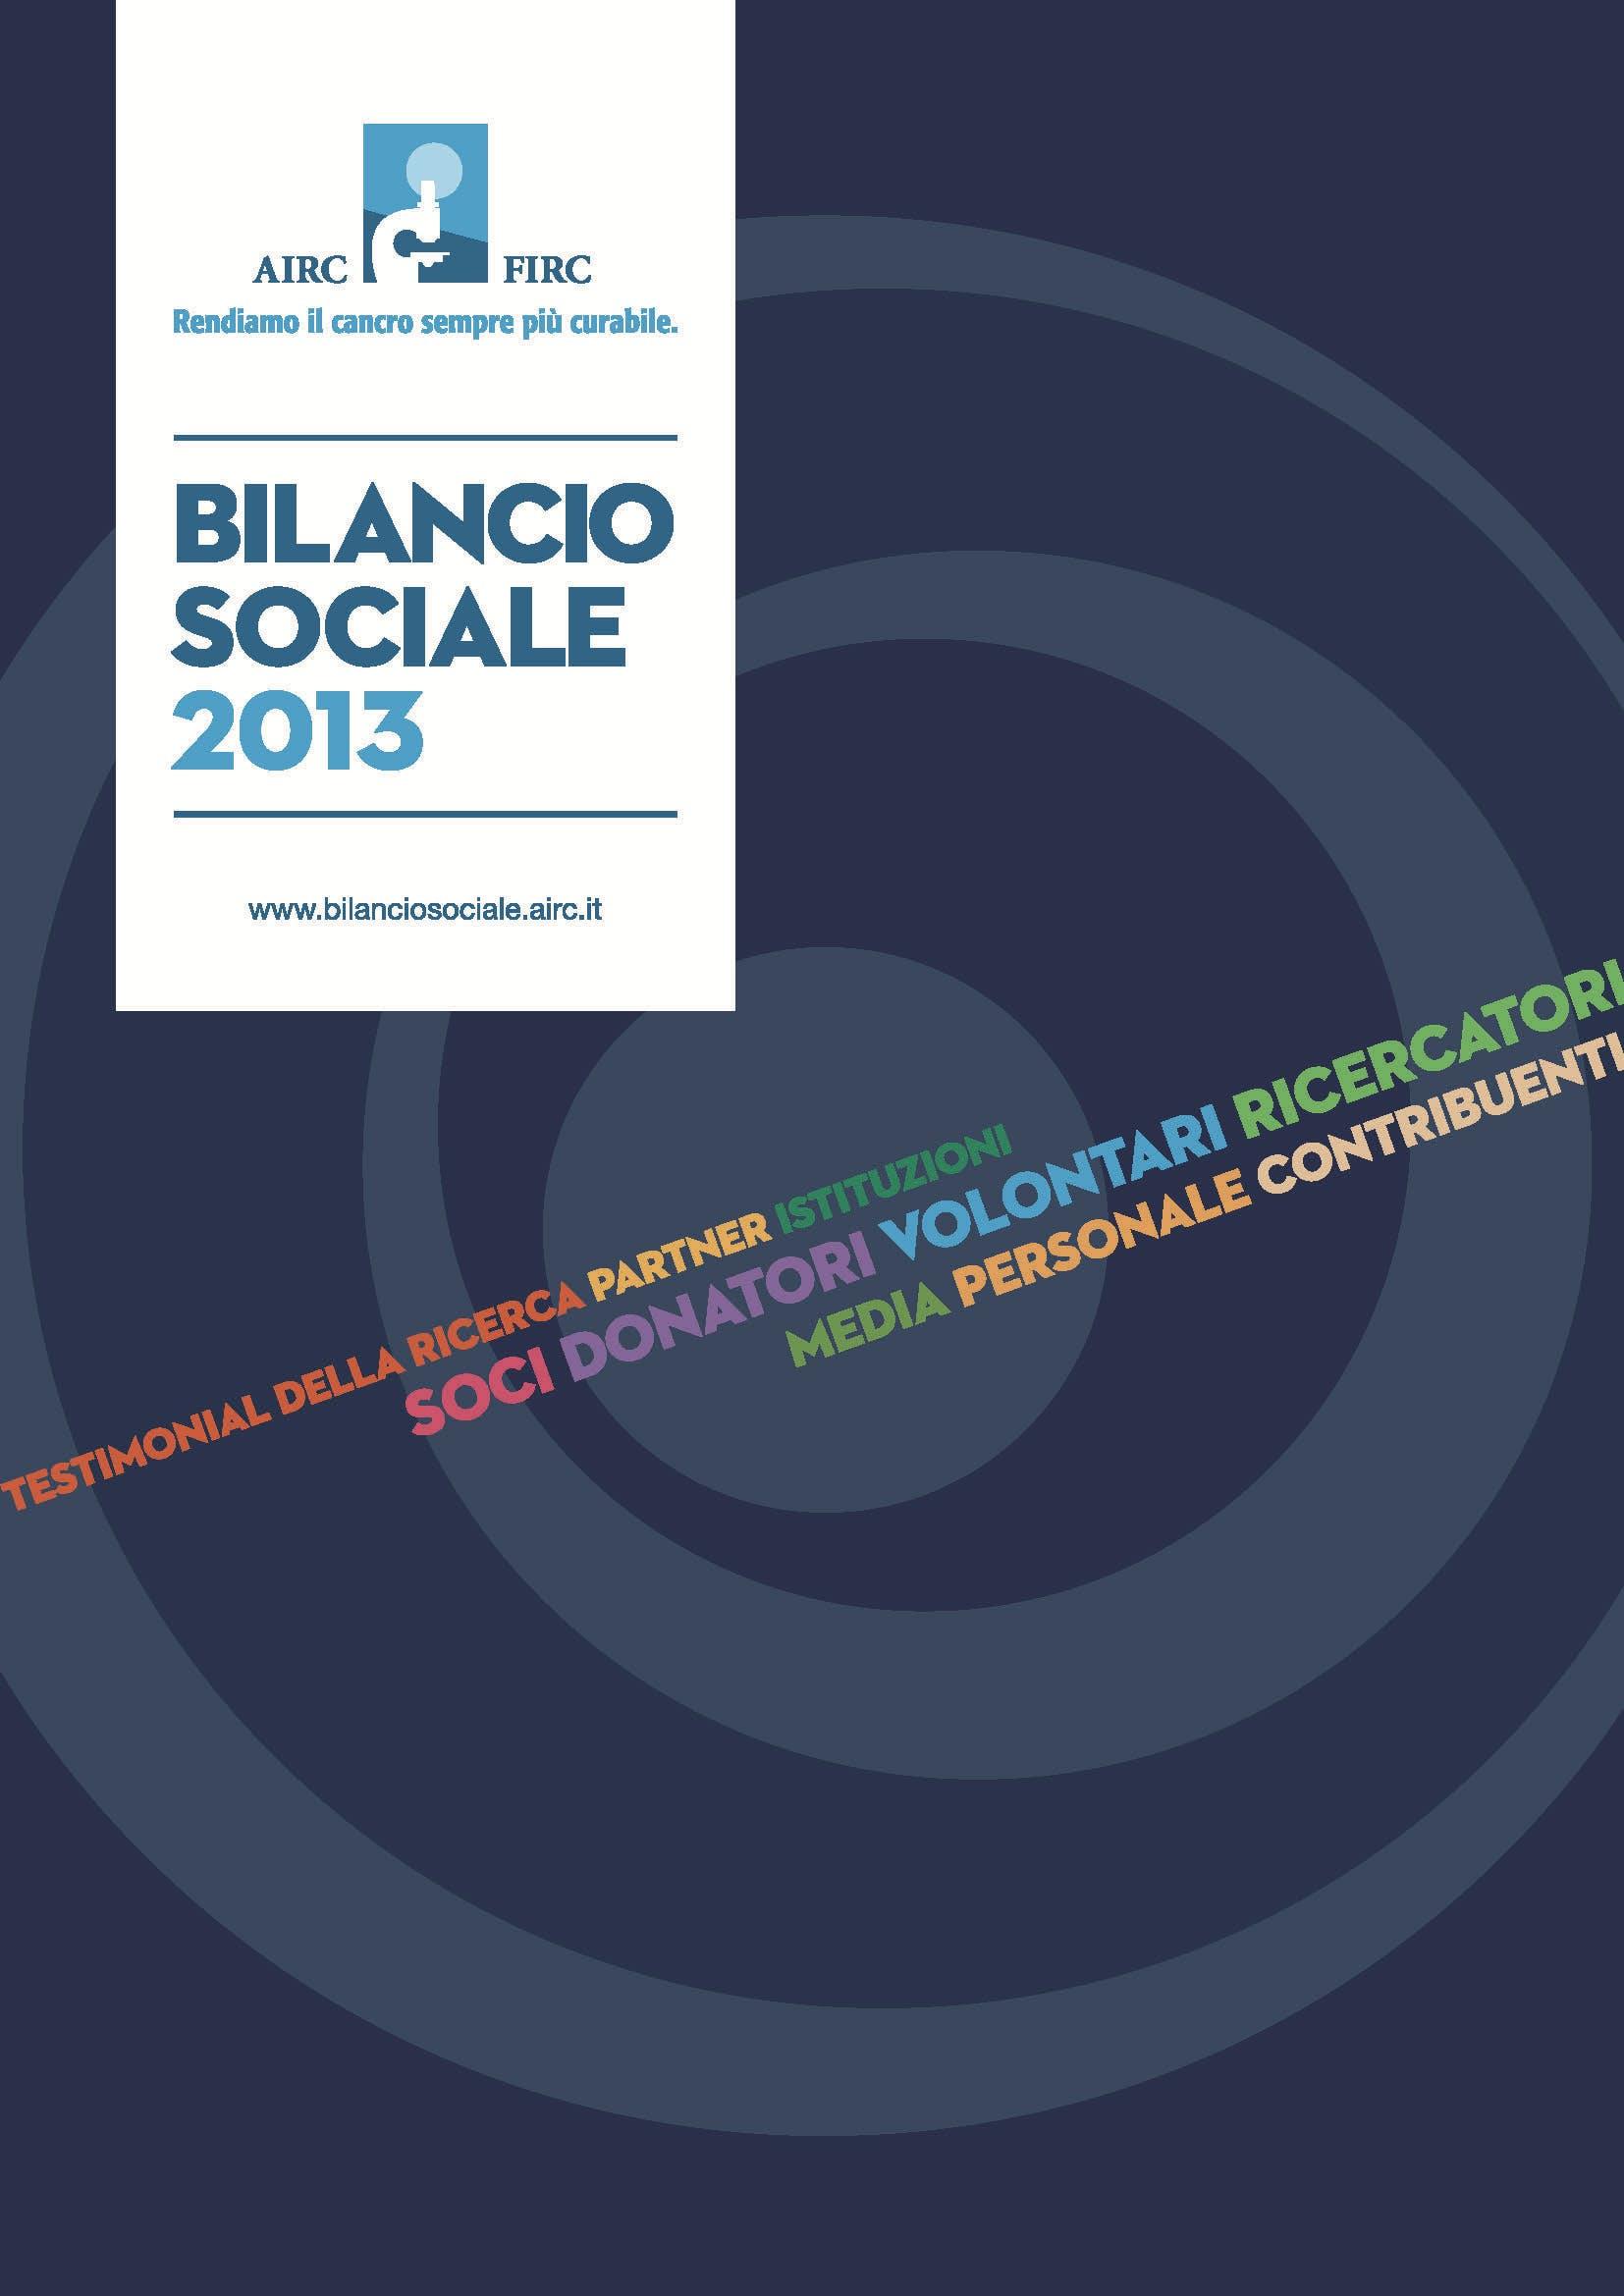 bilancio sociale AIRC 2013